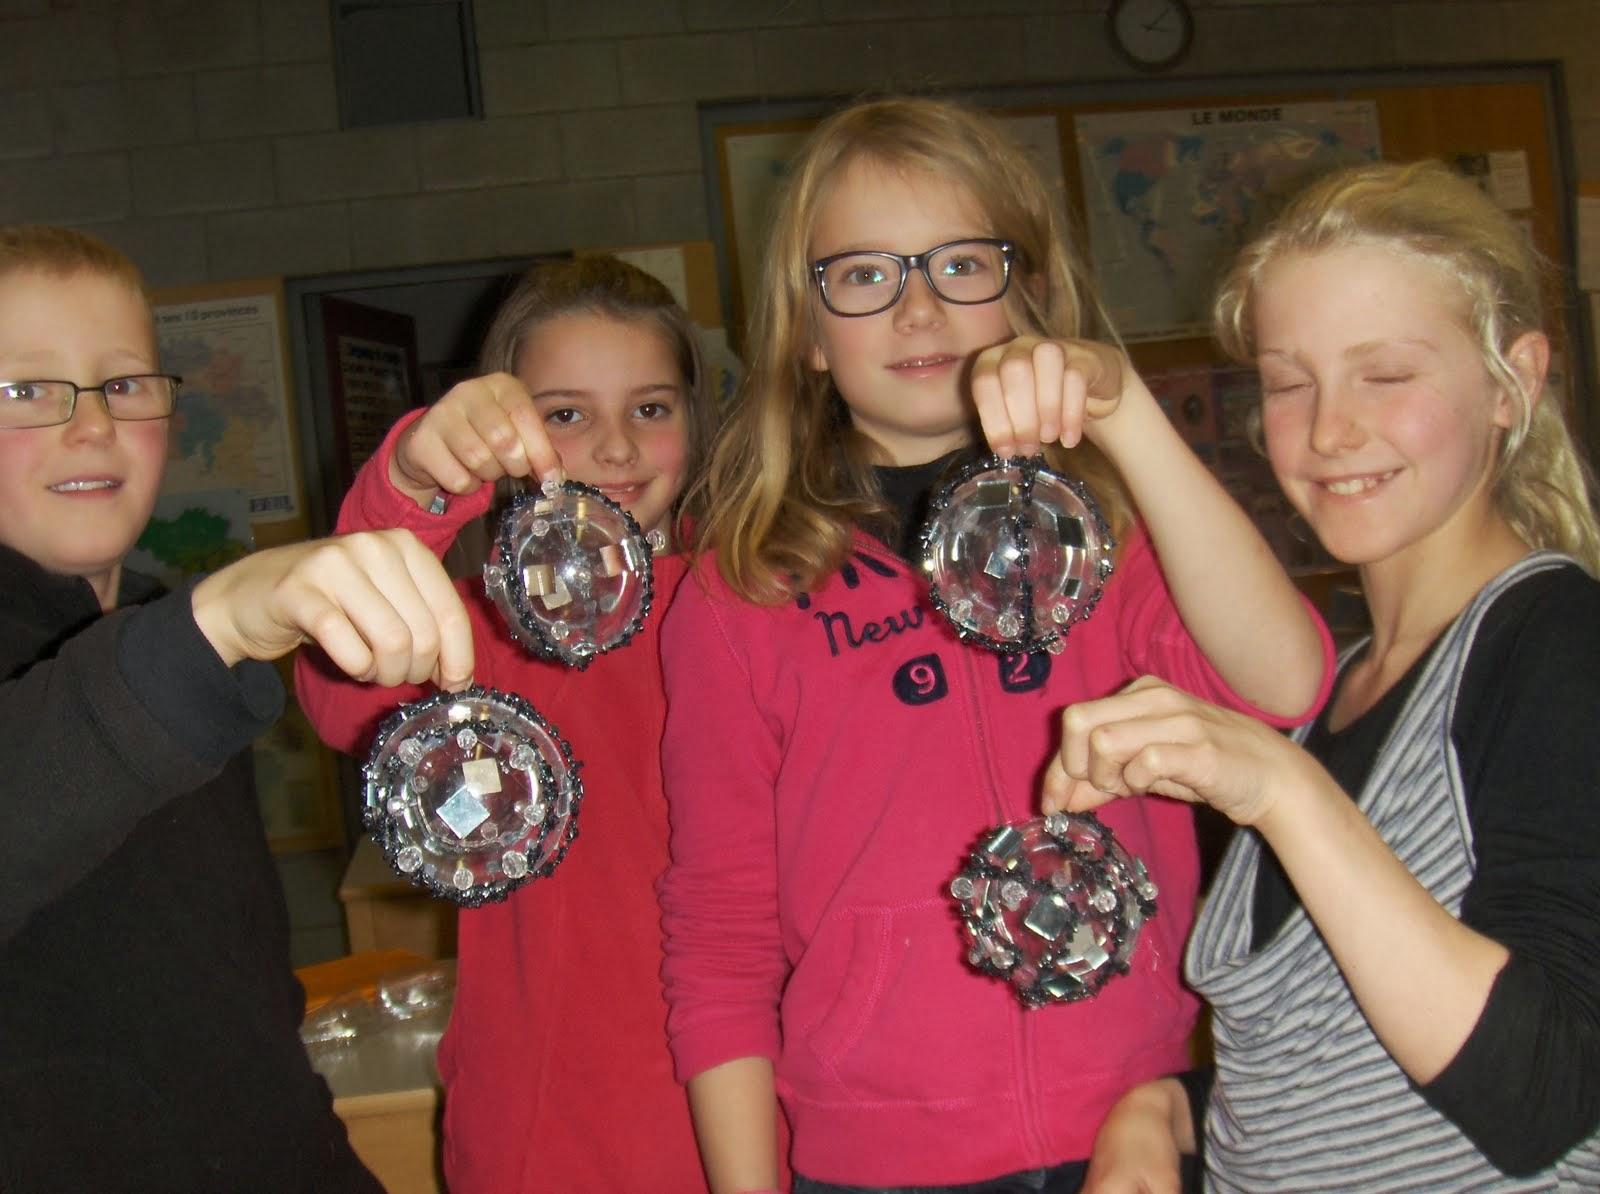 C'est devenu une tradition, chaque année, les élèves vendent des boules de  Noël au profit du Télévie. Cette année, vous avez encore été généreux, ...